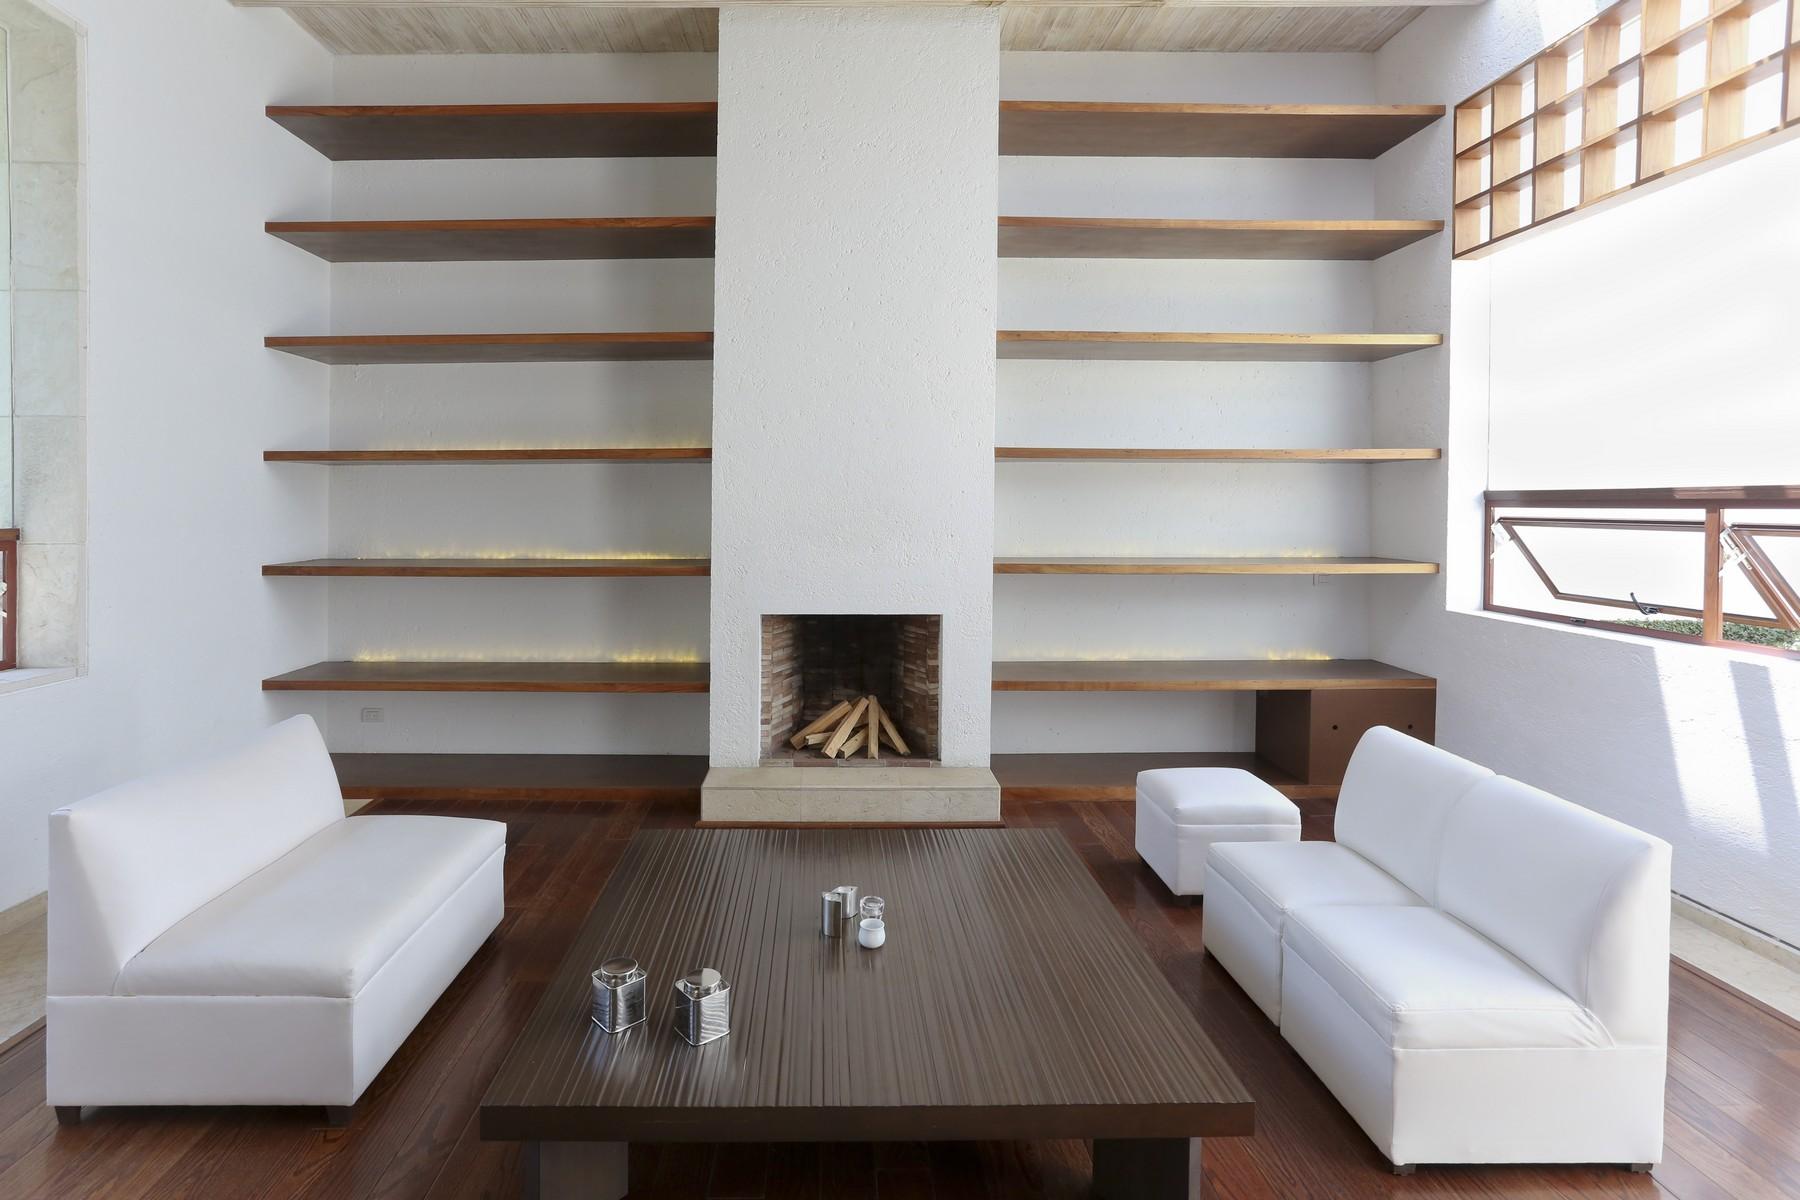 独户住宅 为 销售 在 Avandaro Residence at Valle de Bravo 联邦特区, Mexico Df, 51200 墨西哥